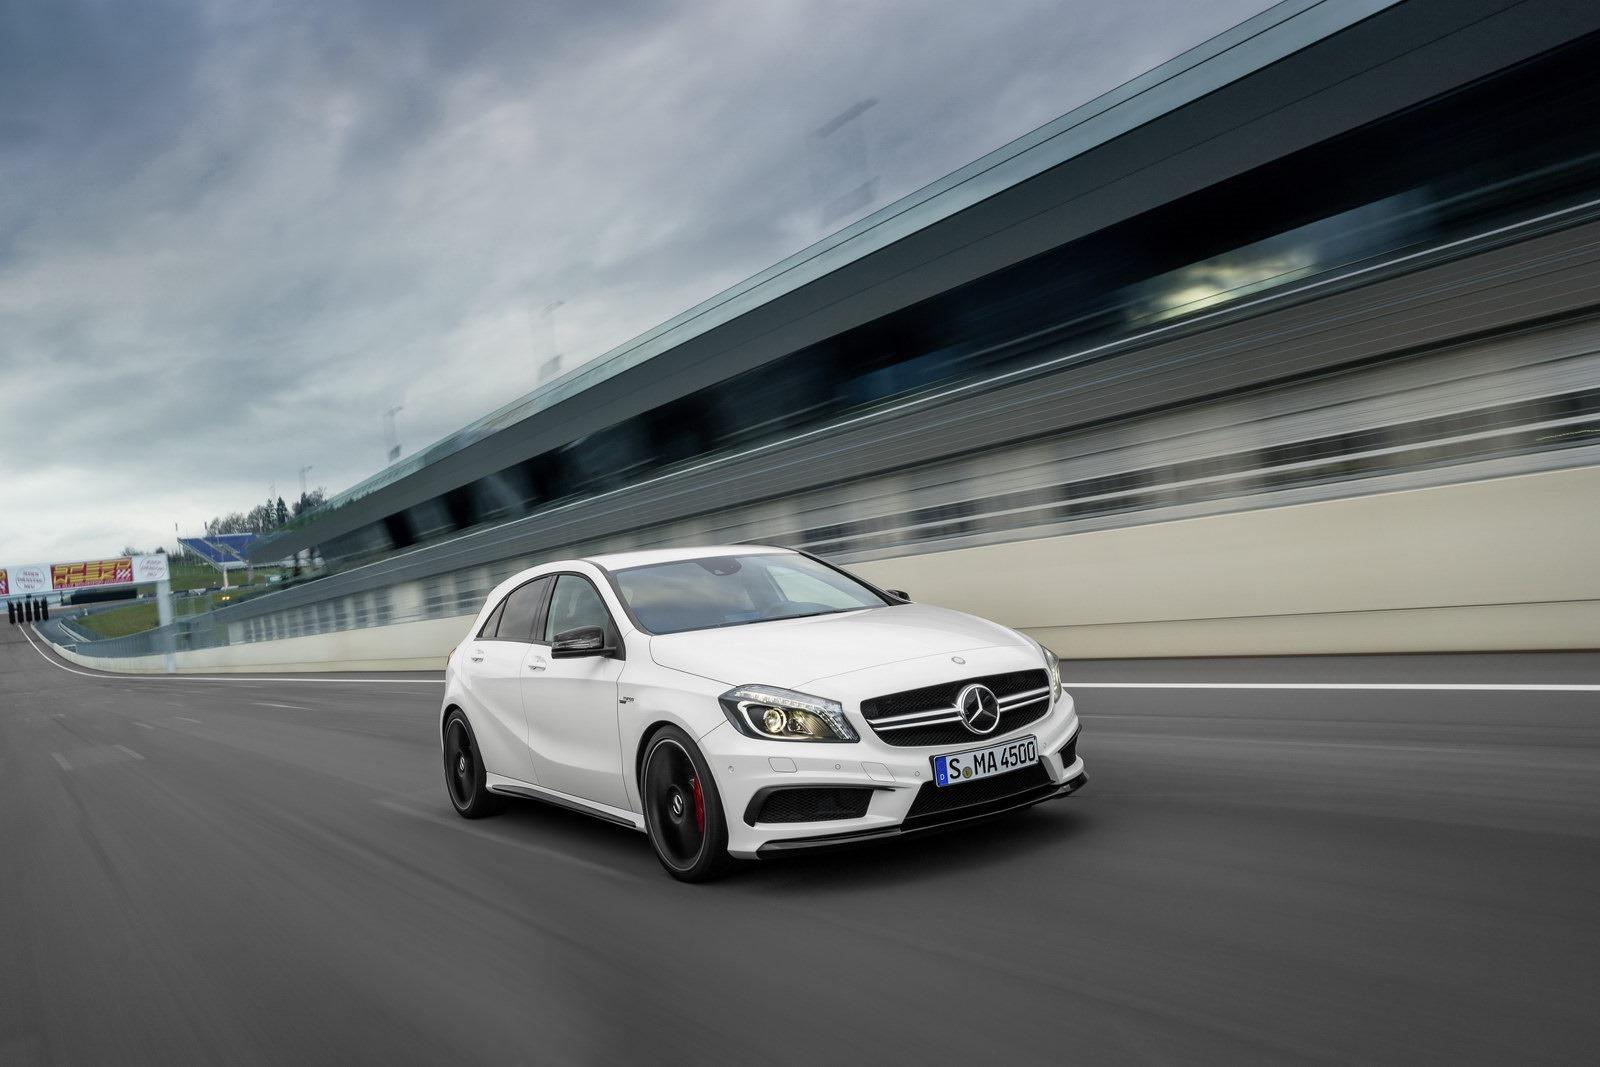 http://3.bp.blogspot.com/-BbDs5FbMkhA/UTfEv55ci1I/AAAAAAAASWU/GYb6ul94zZk/s1600/Mercedes-Benz-A-45-AMG-20%5B2%5D.jpg